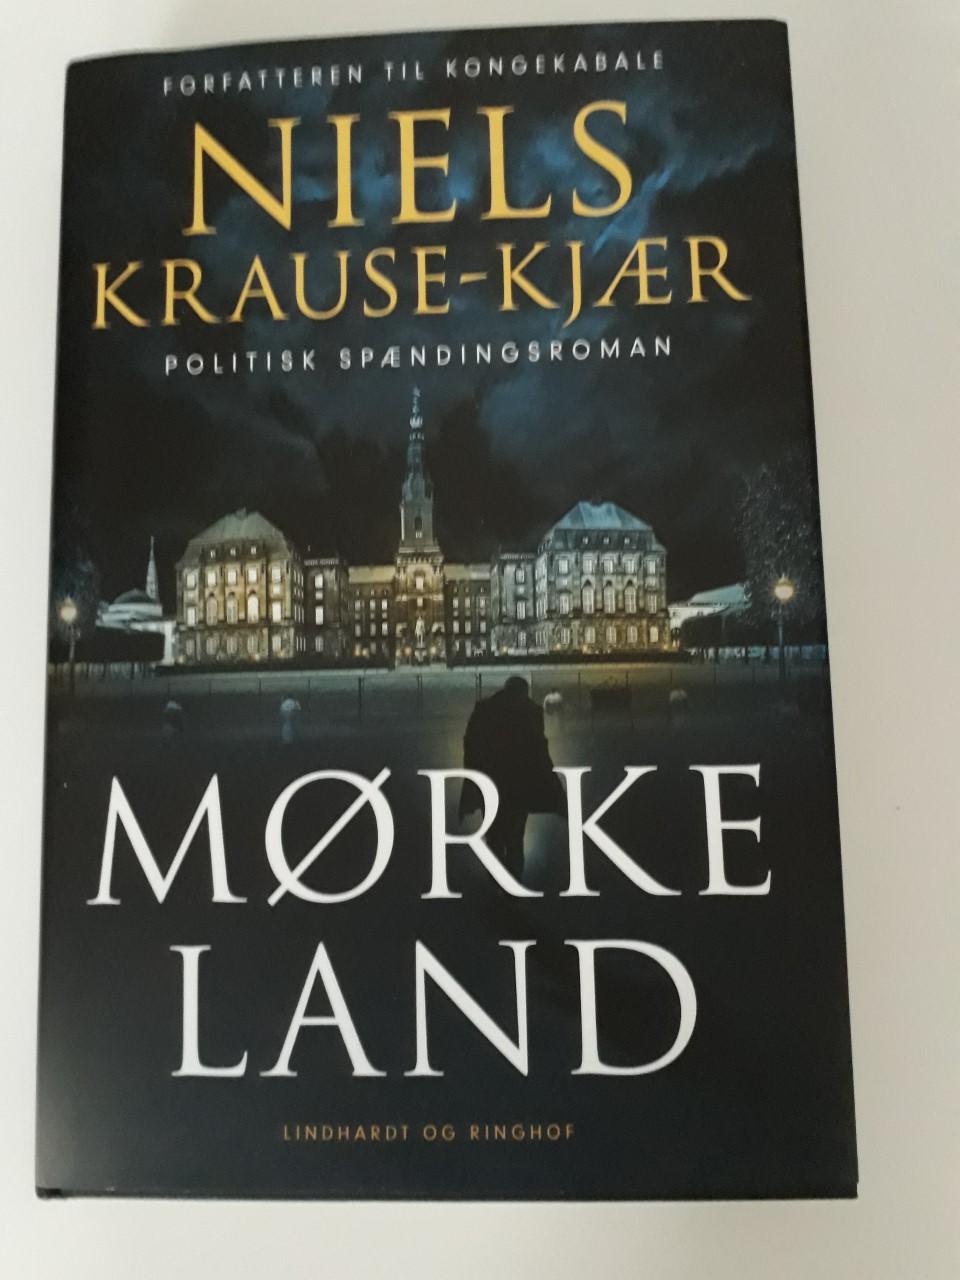 Billede af: Mørkeland af Niels Krause-Kjær